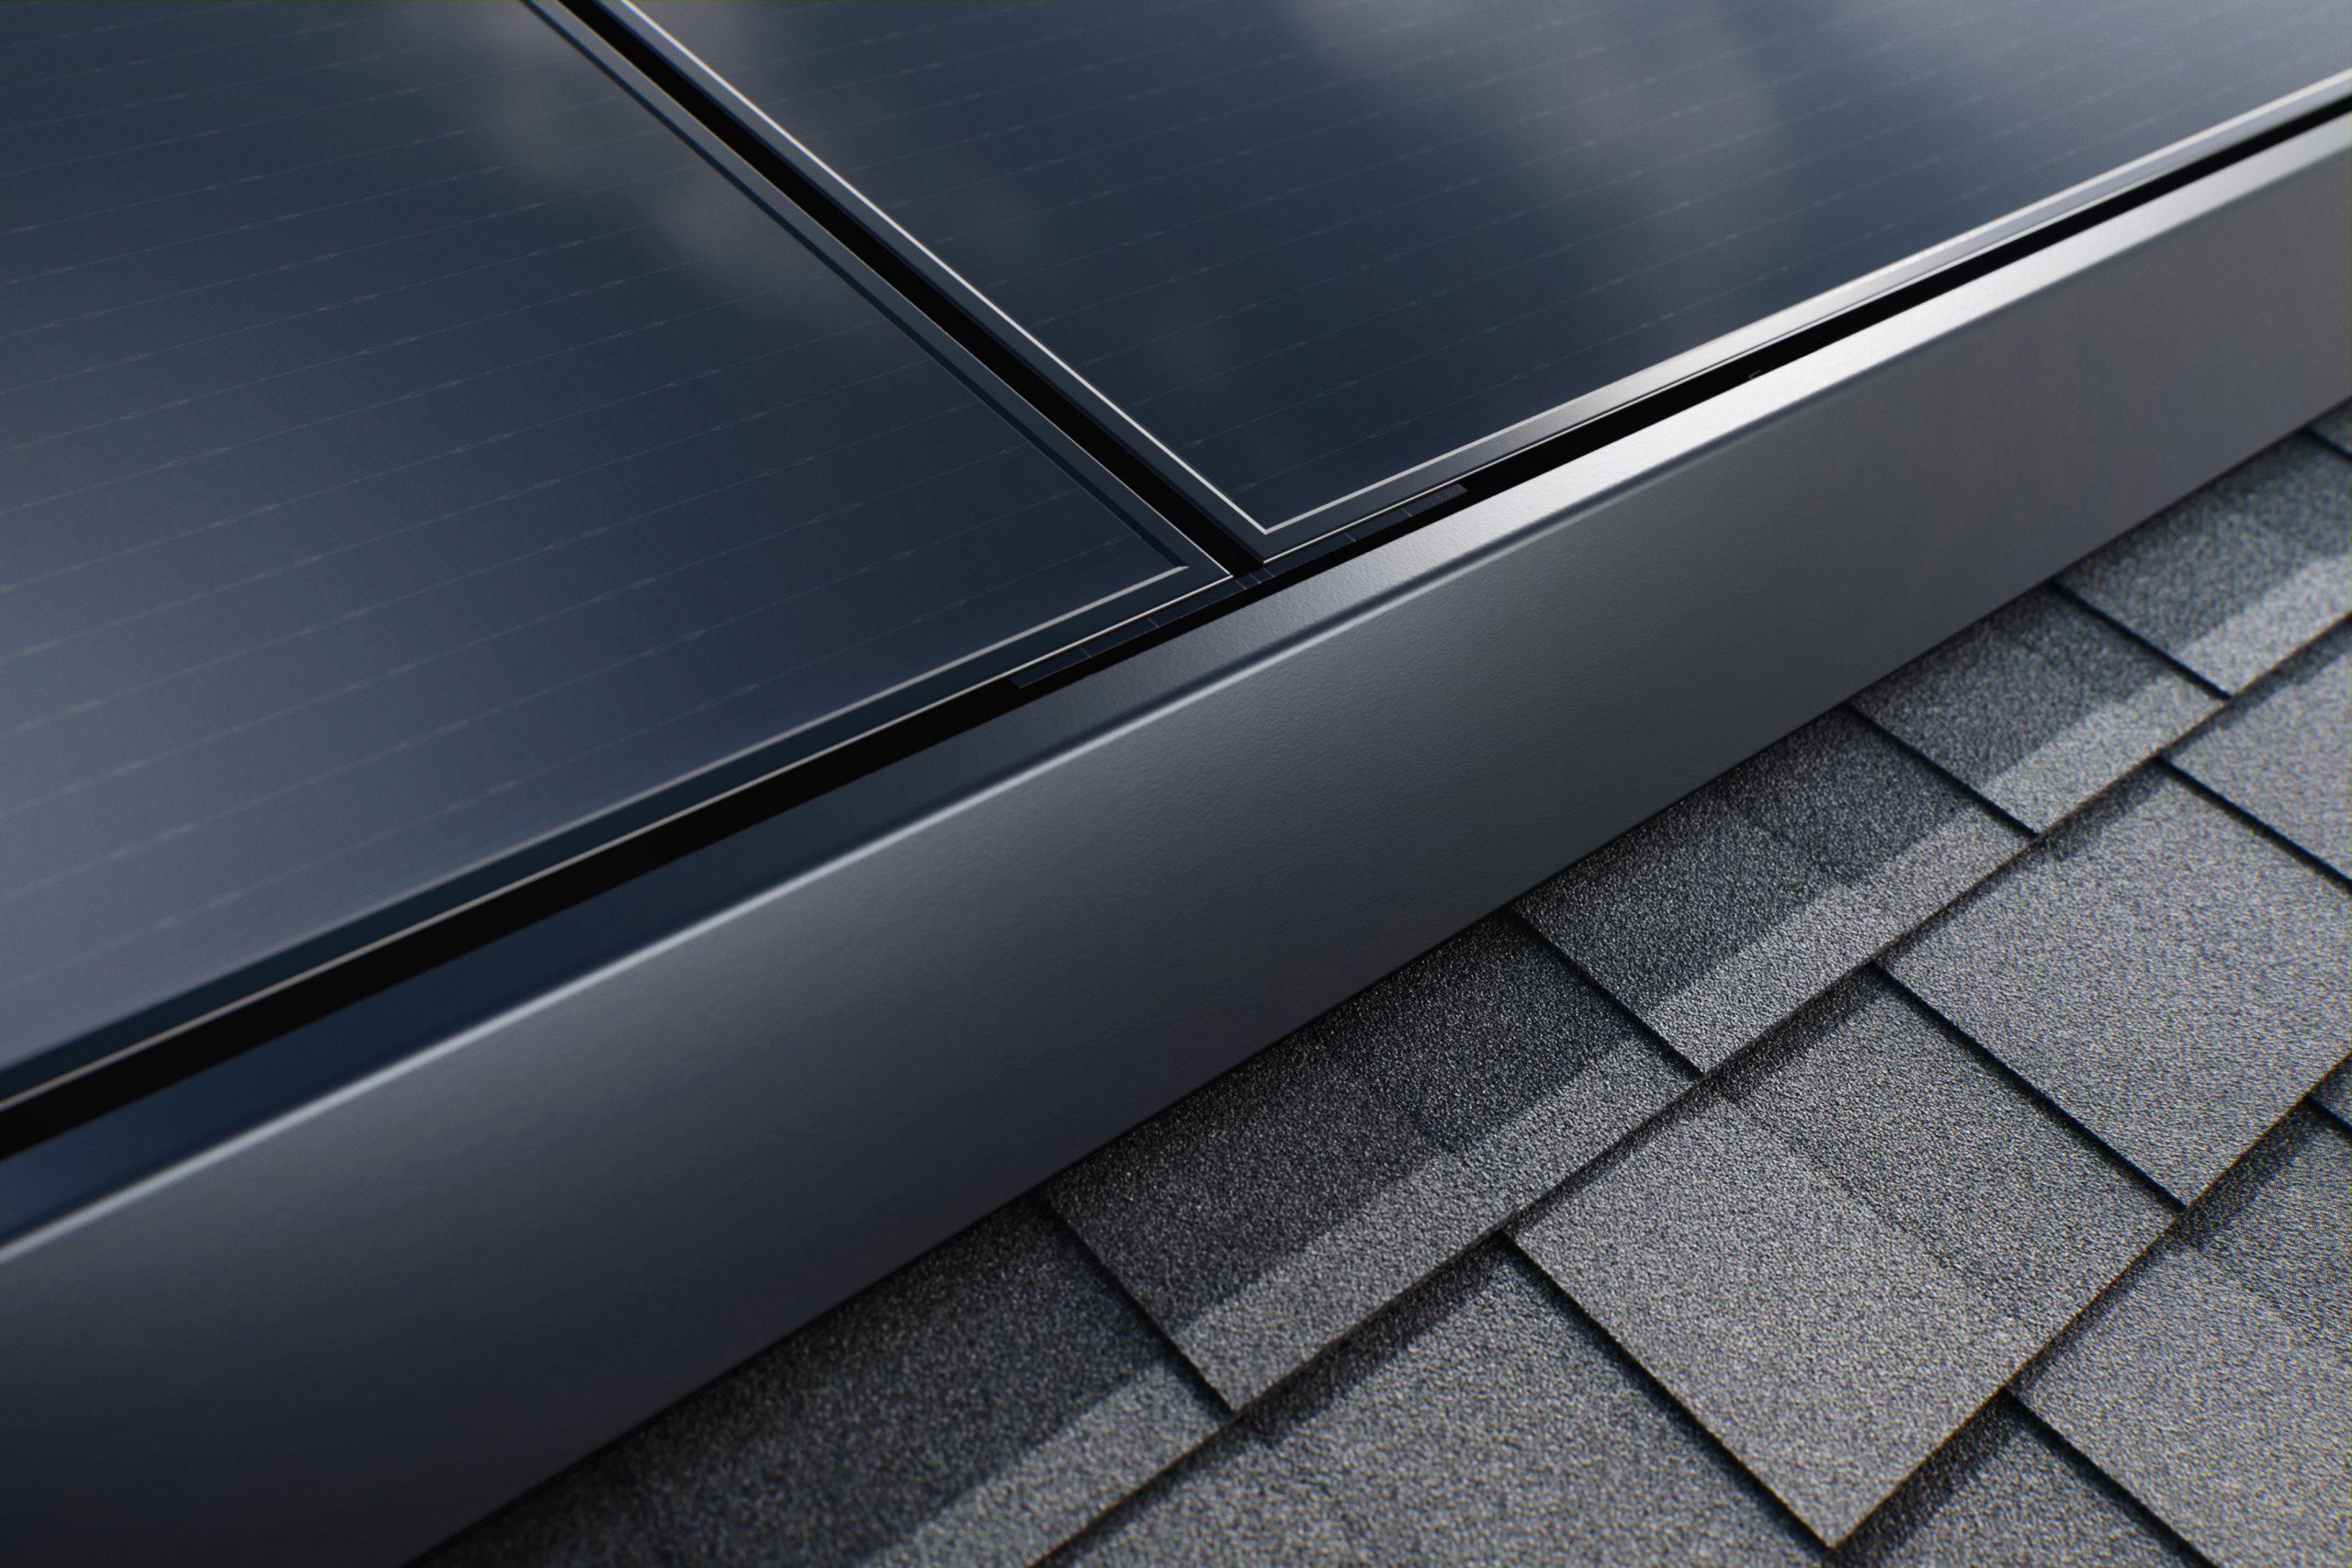 tesla-solar-panels-10